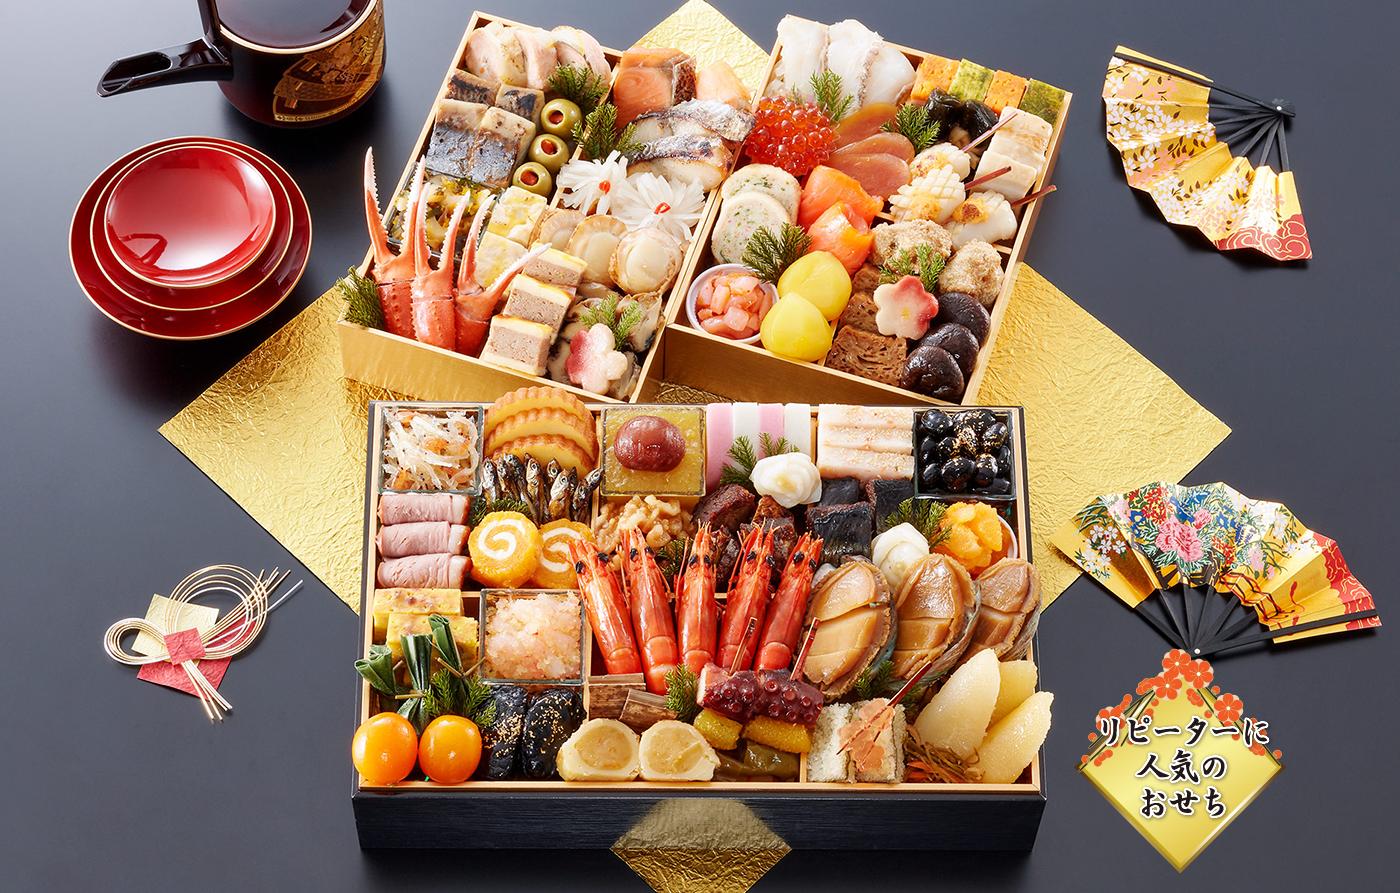 京都御所南 京料理「やまの」監修三箱二段重 珠天箱